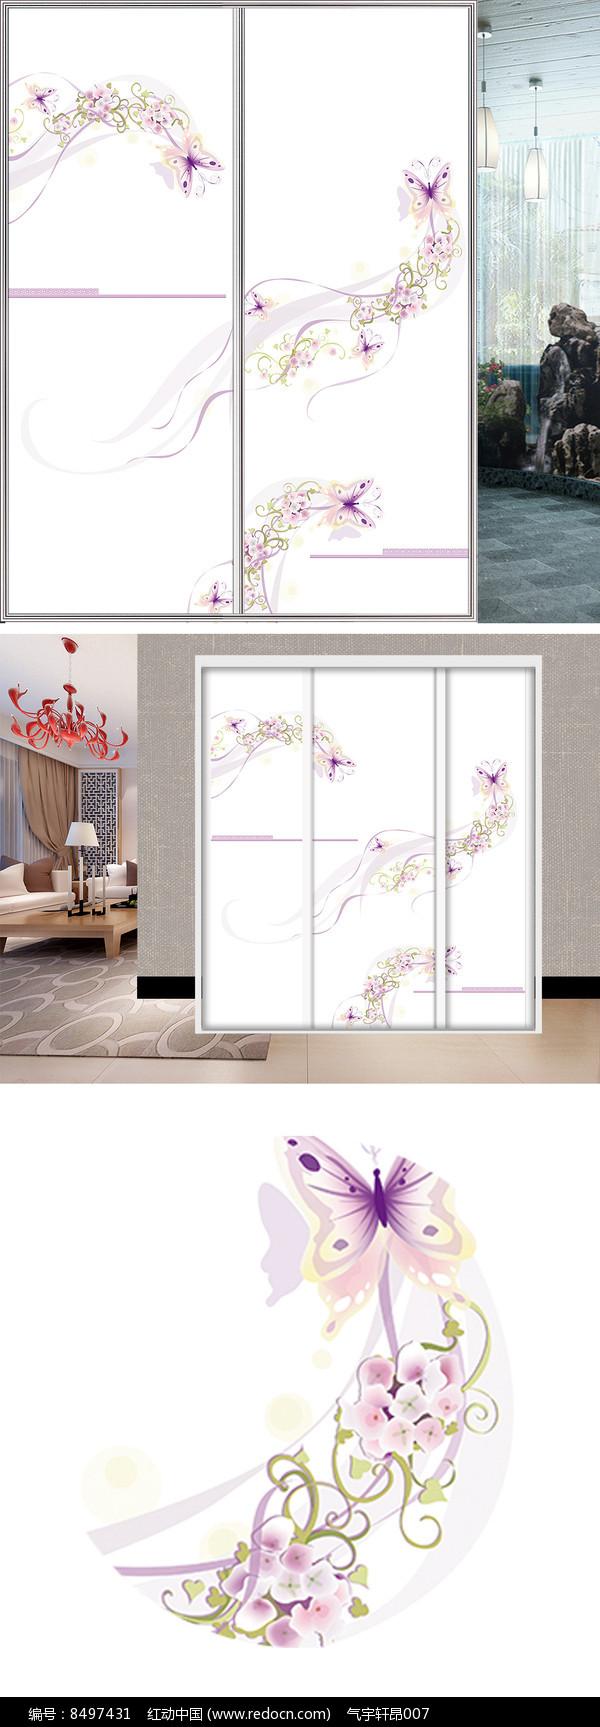 花朵蝴蝶衣柜移门图片背景图片